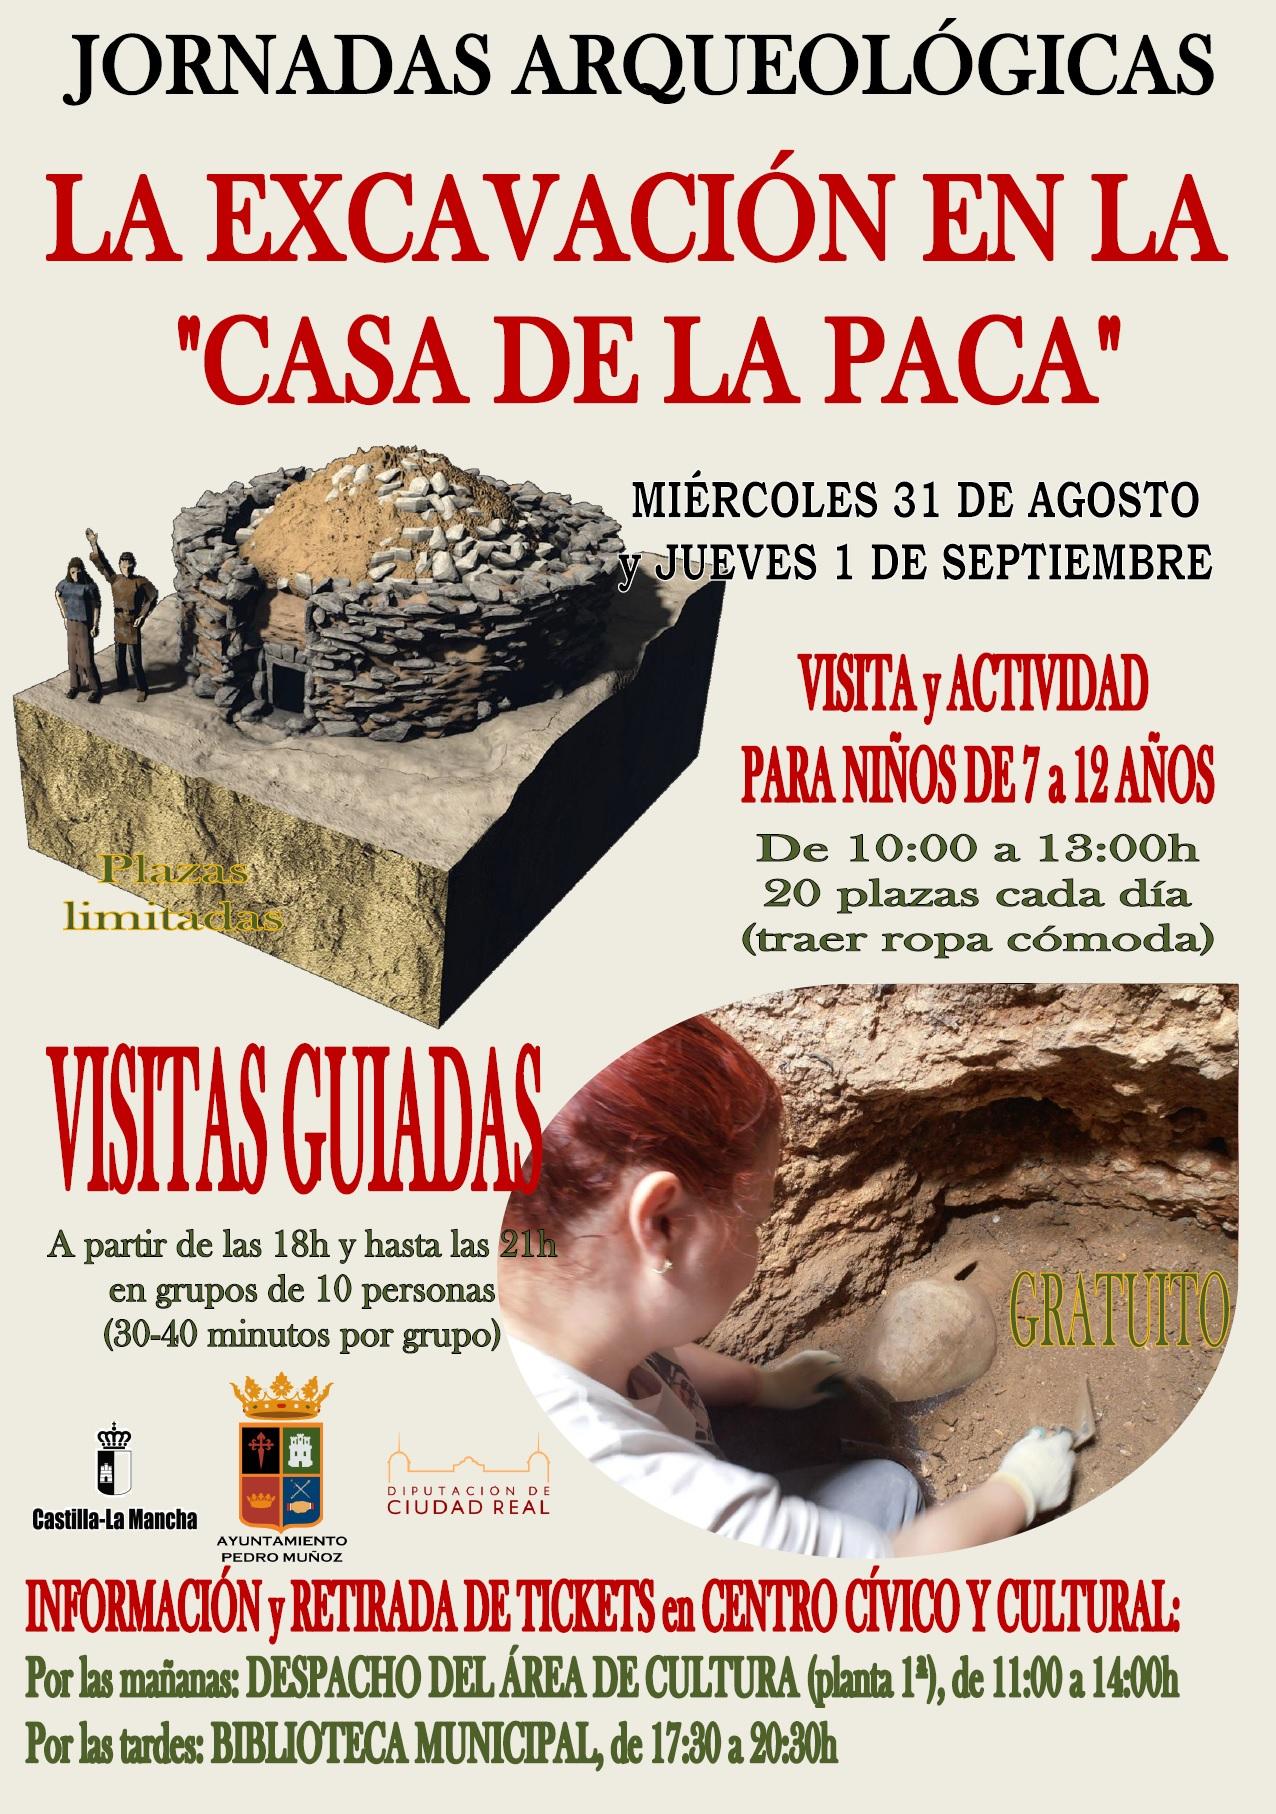 Jornadas arqueológicas en Pedro Muñoz sobre «La excavación en la Casa de la Paca»